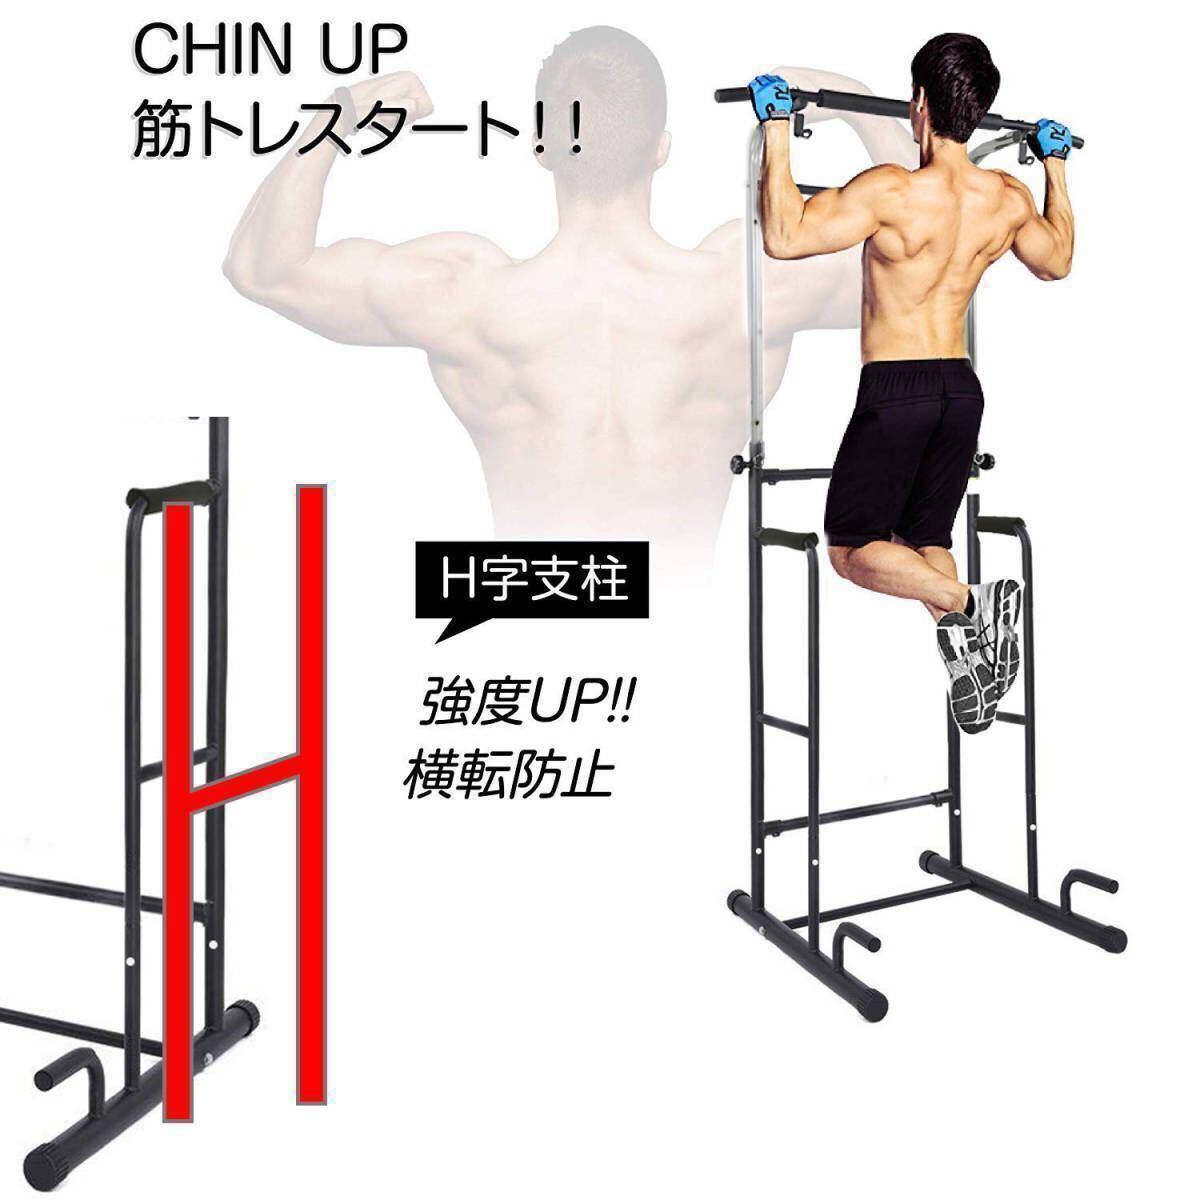 「新品」2019ぶら下がり健康器 懸垂マシン パワータワー 多機能筋力トレーニング 耐荷重150kg 懸垂 器具 チンニングスタンド マルチジム _画像5